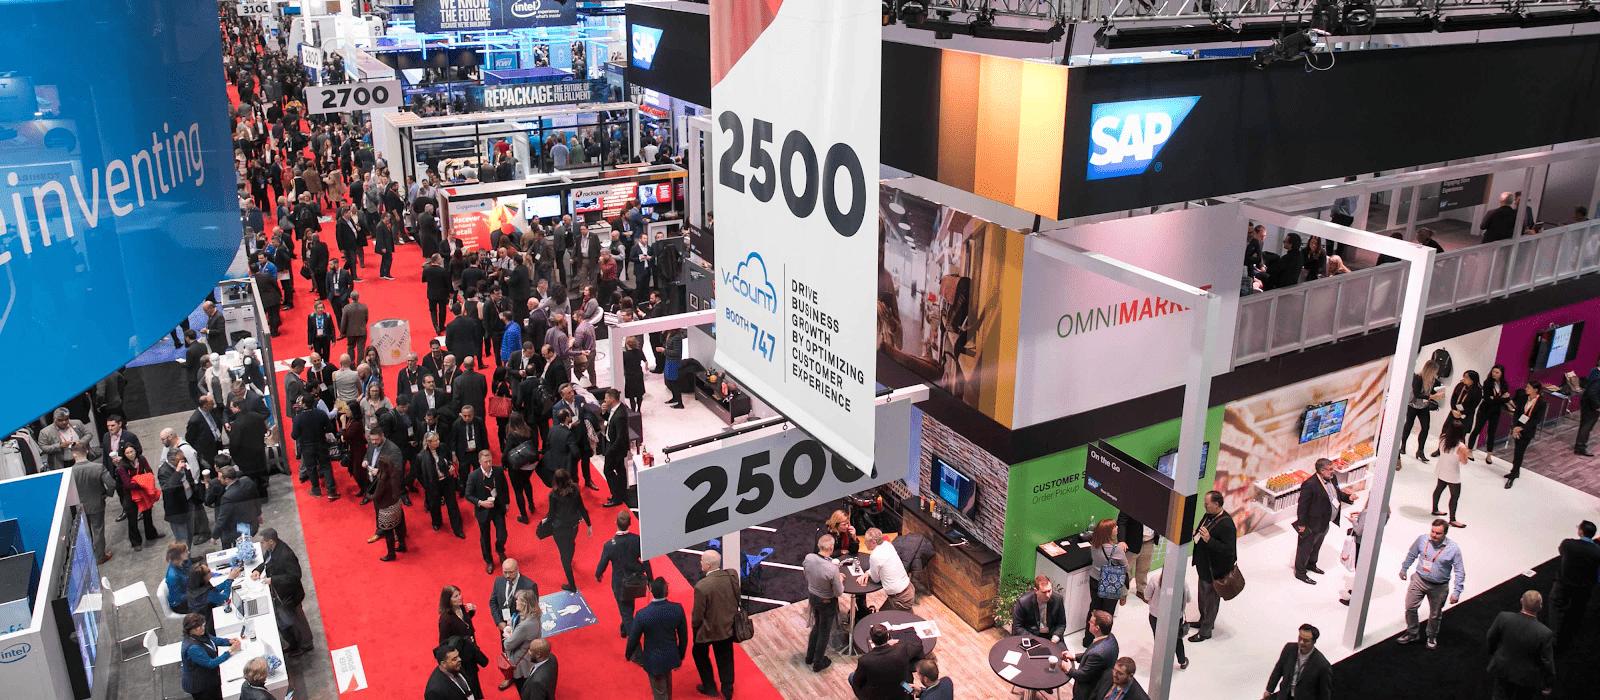 Resumo do evento de comércio eletrônico nos EUA que reuniu mais de mil fornecedores